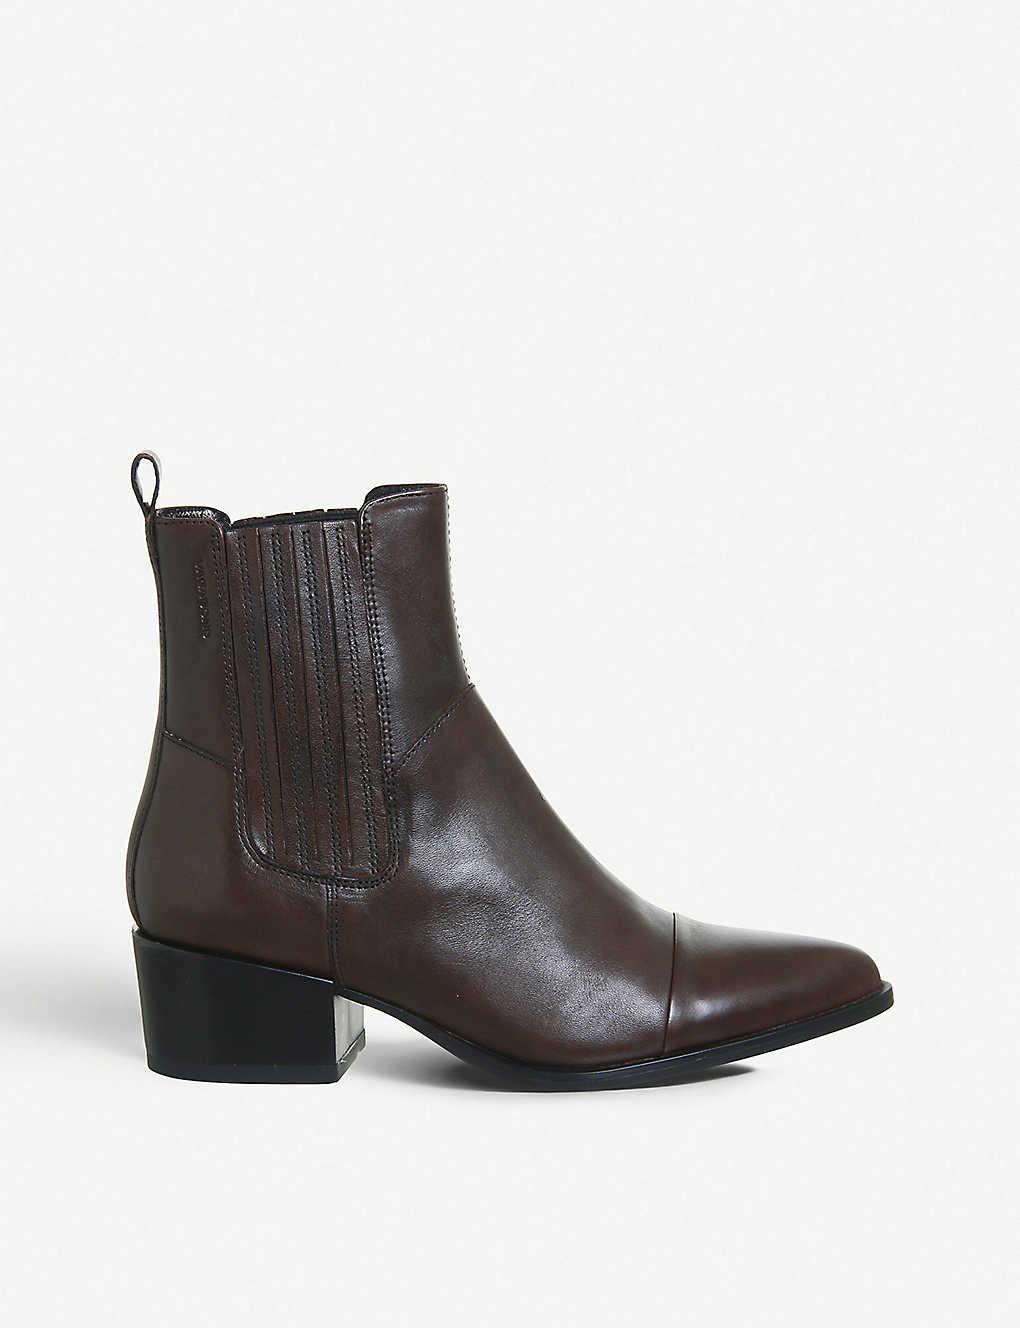 24b4f9e77461 Marja leather boot - Espresso leather ...